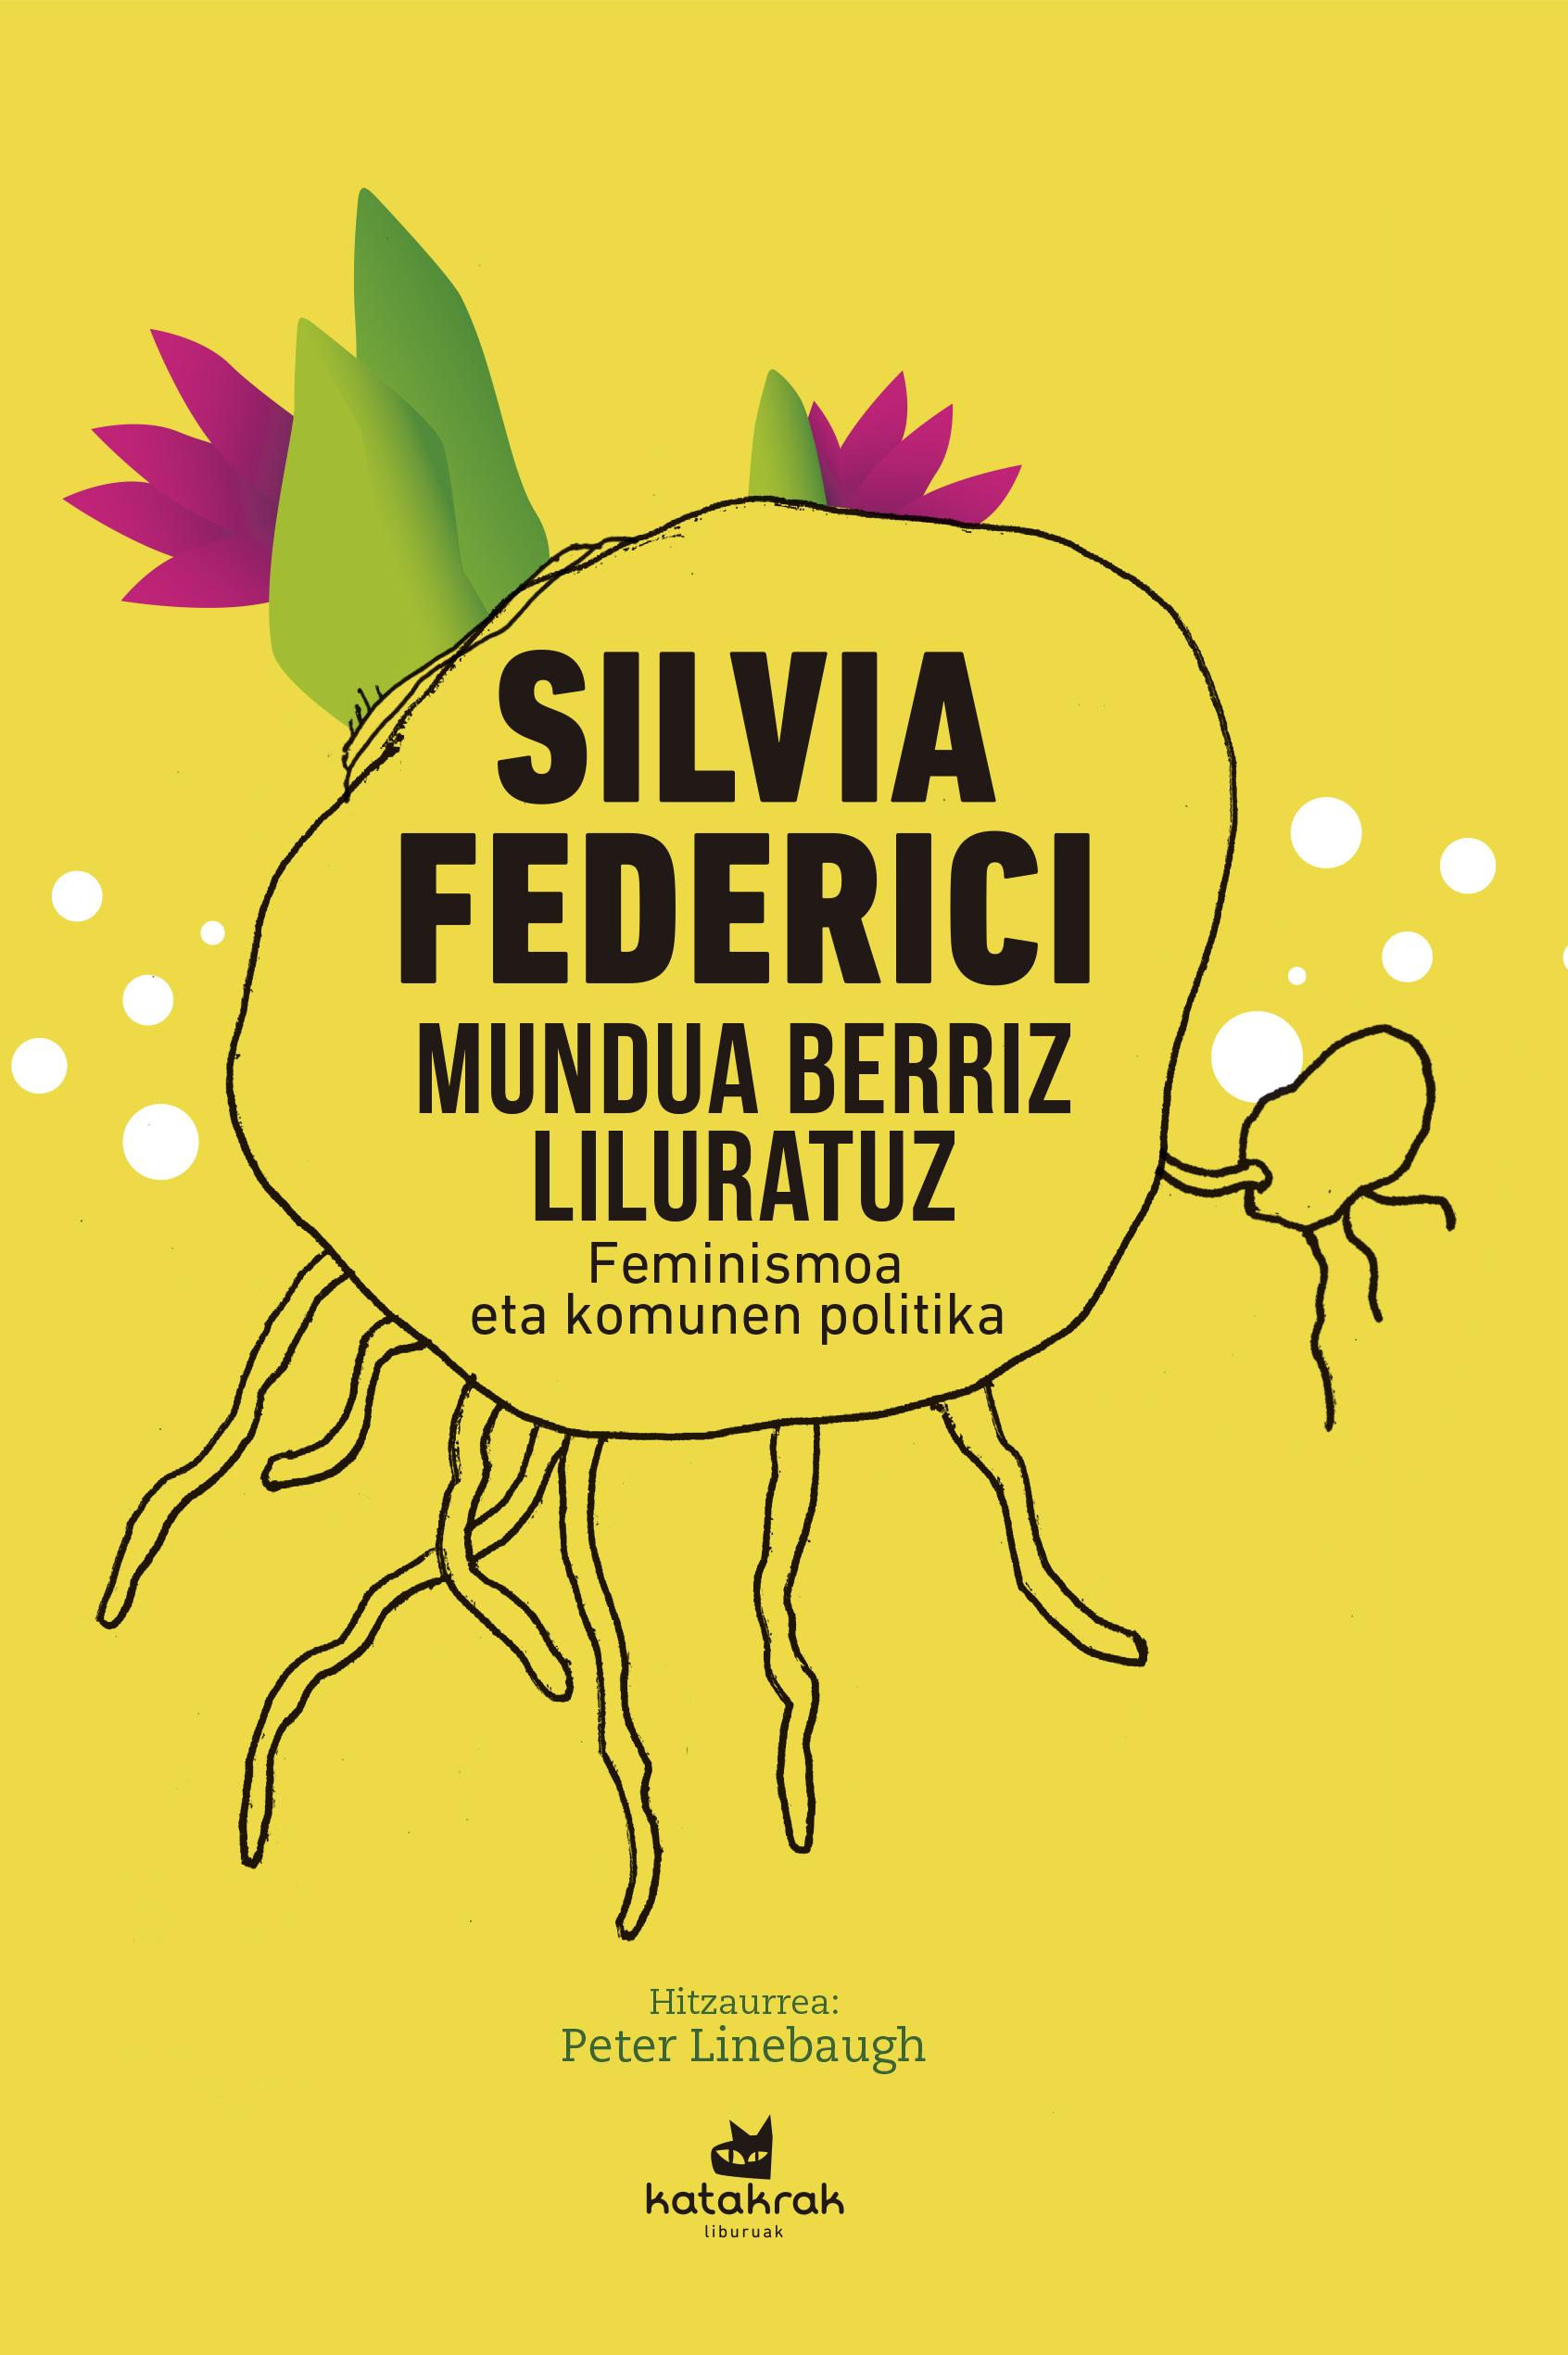 LIBURU AURKEZPENA - SILVIA FEDERICI «MUNDUA BERRIZ LILURATUZ» @ Katakrak